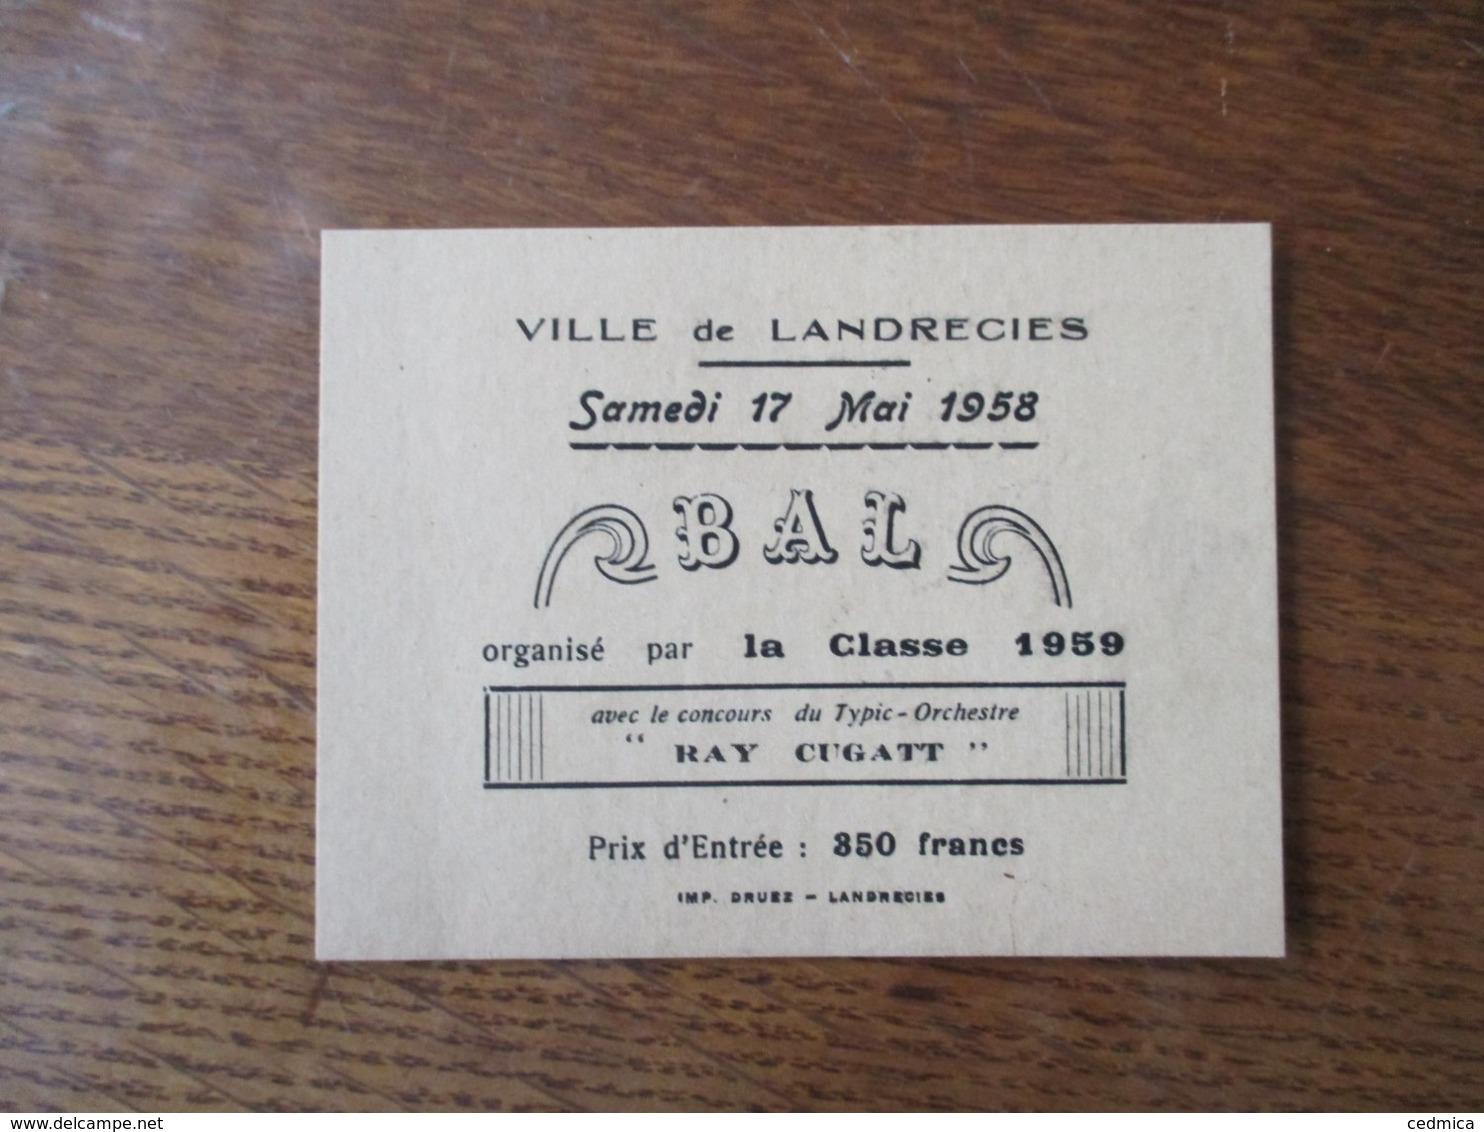 """VILLE DE LANDRECIES SAMEDI 17 MAI 1958 BAL ORGANISE PAR LA CLASSE 1959 AVEC LE CONCOURS DU TYPIC-ORCHESTRE """"RAY CIGATT"""" - Eintrittskarten"""